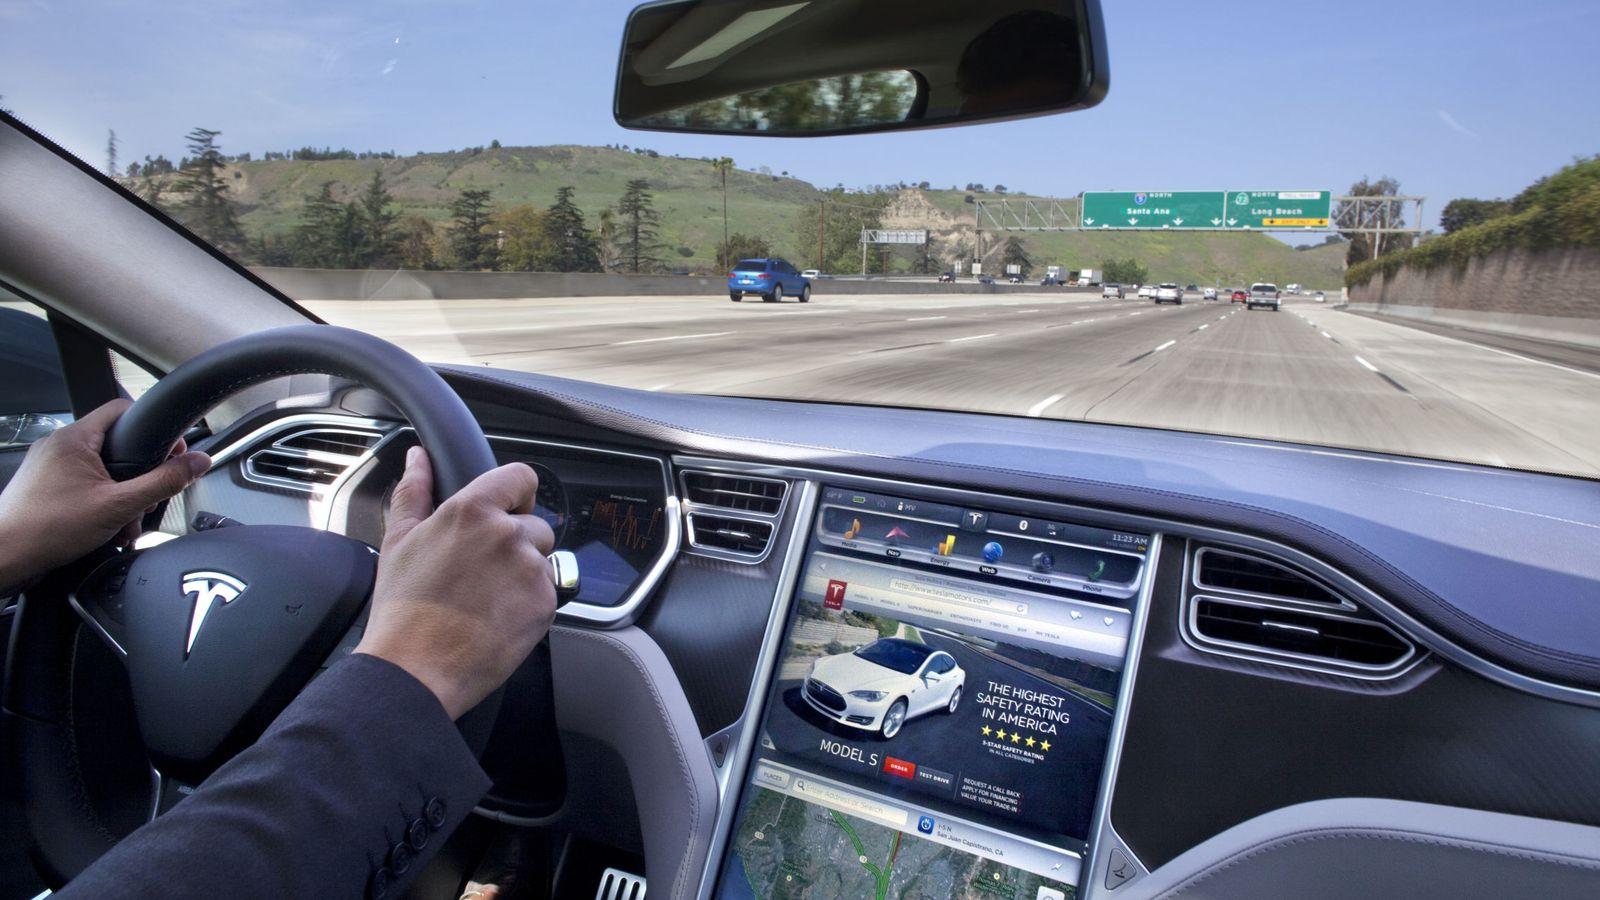 Foto:  Un vehículo Tesla con su pantalla táctil, como la que ya incluyen muchos otros fabricantes.